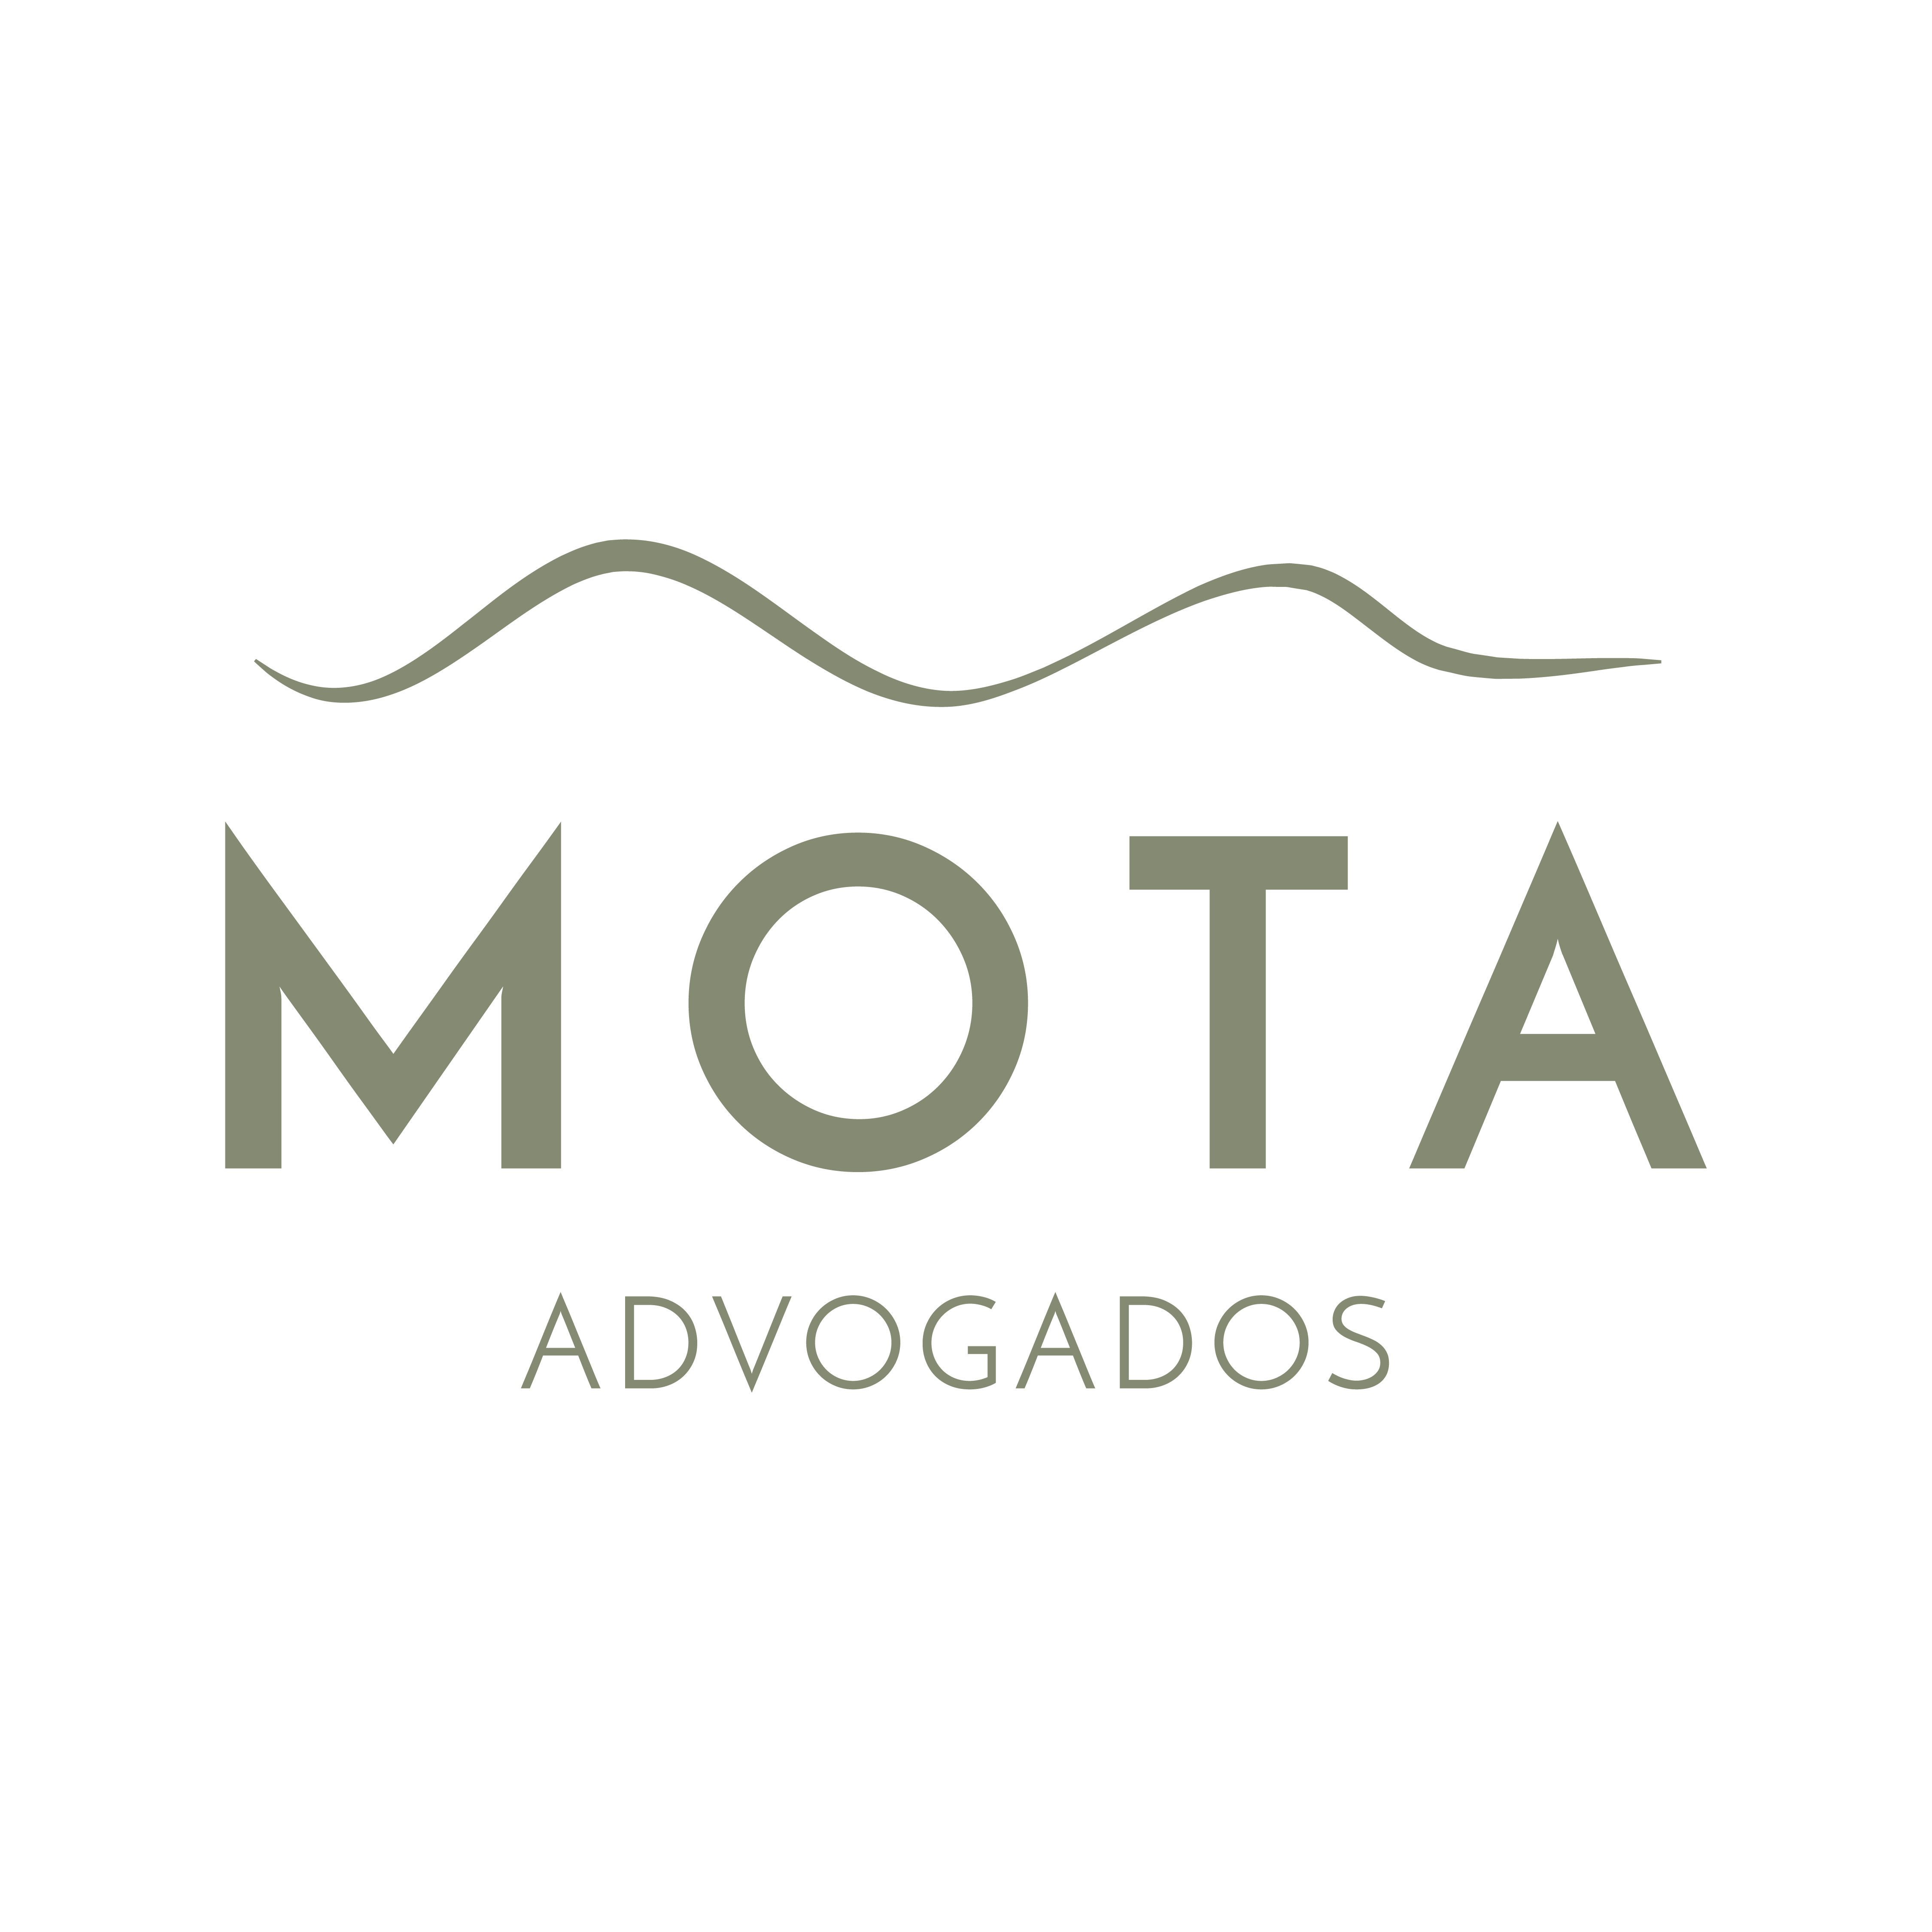 O Mota Advogados é um escritório de advocacia-boutique, dedicado ao direito empresarial, especializado em direito societário, fusões e aquisições, petróleo e gás, energia e infraestrutura.